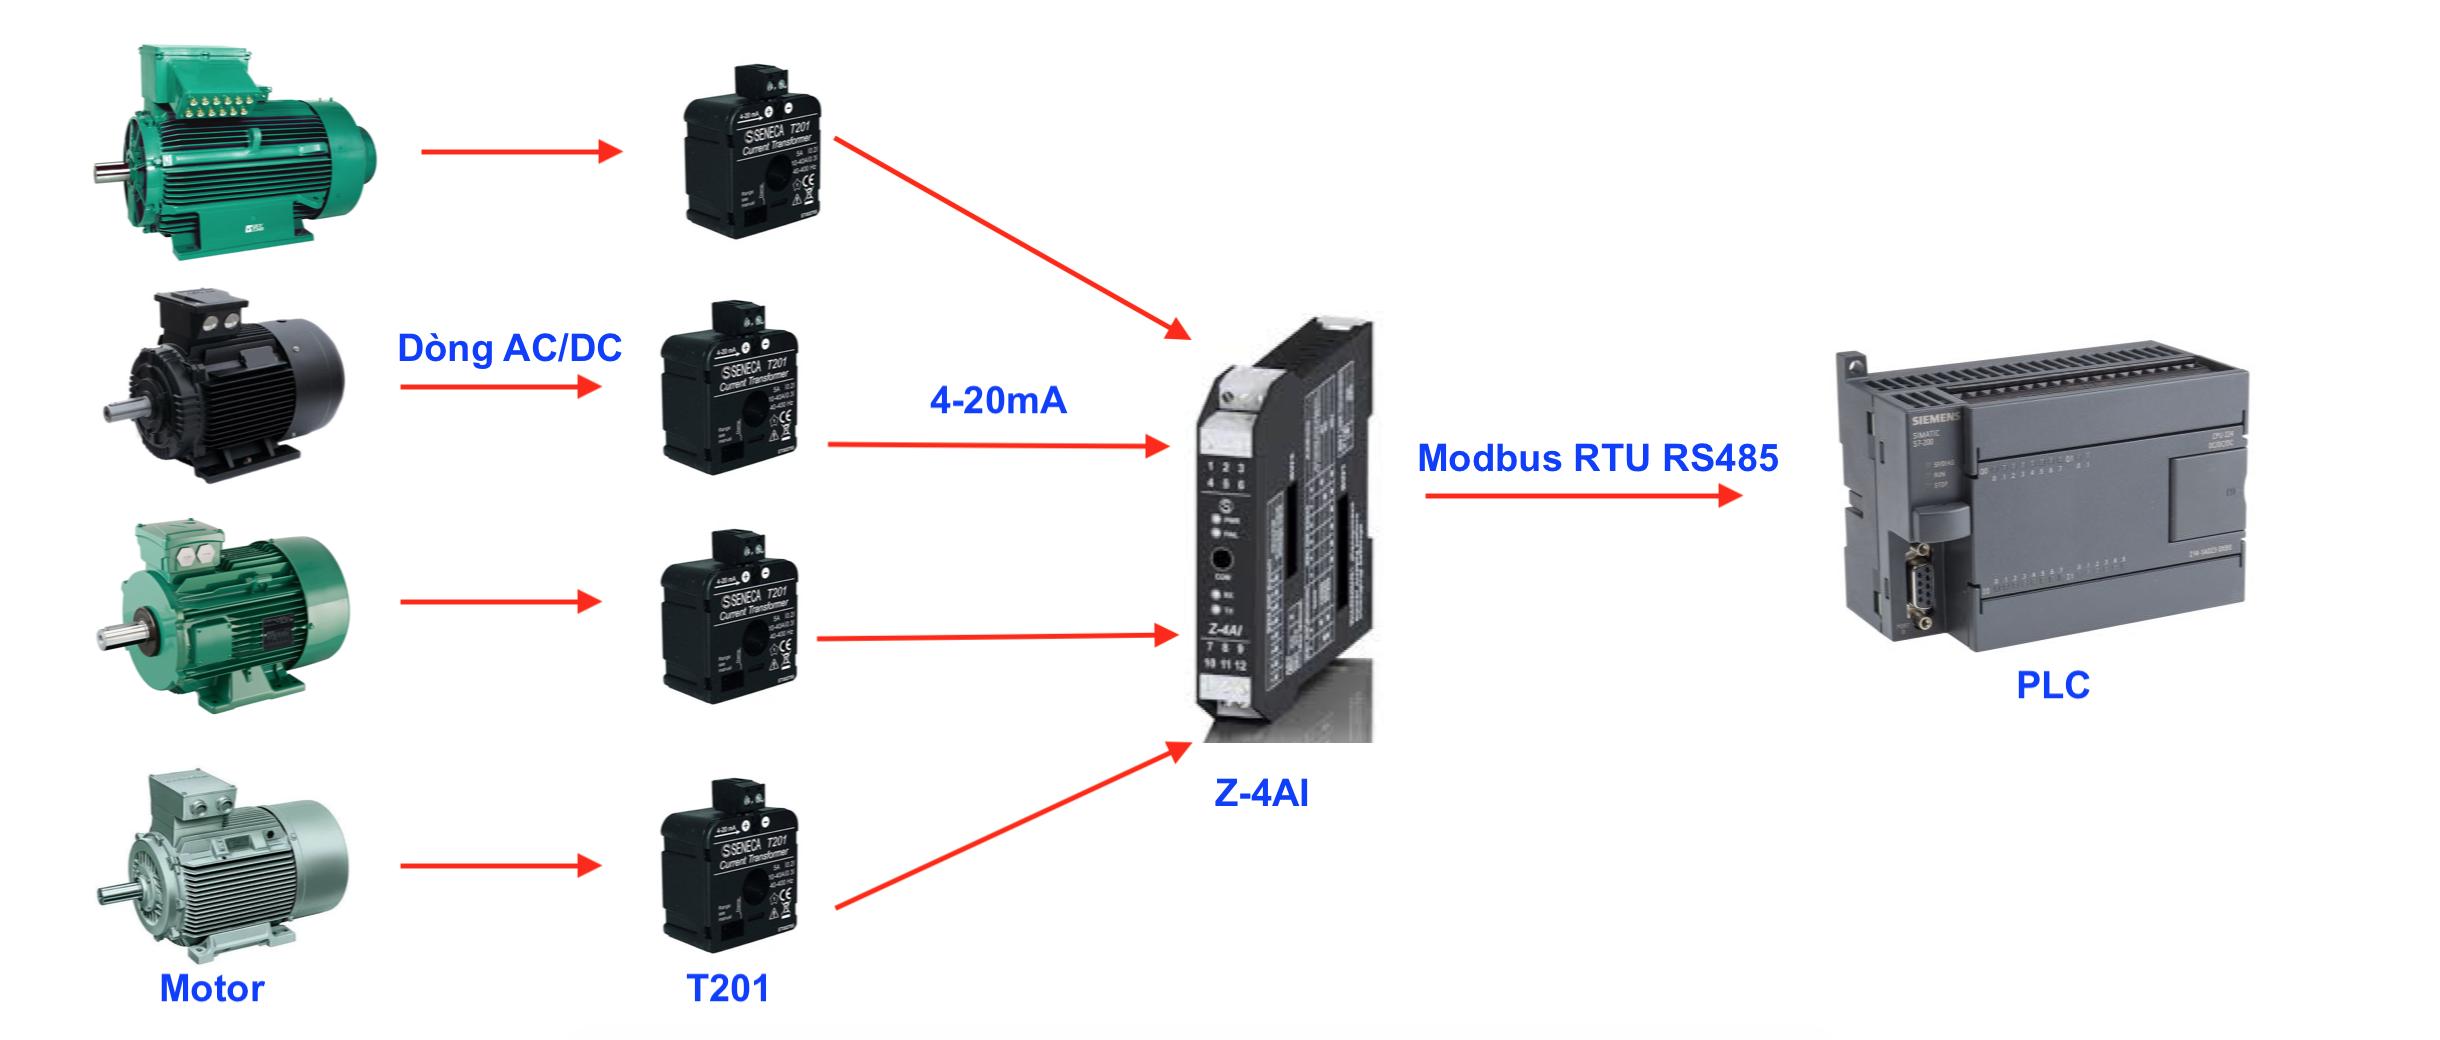 Dùng Biến dòng kết hợp Modbus RTU RS485